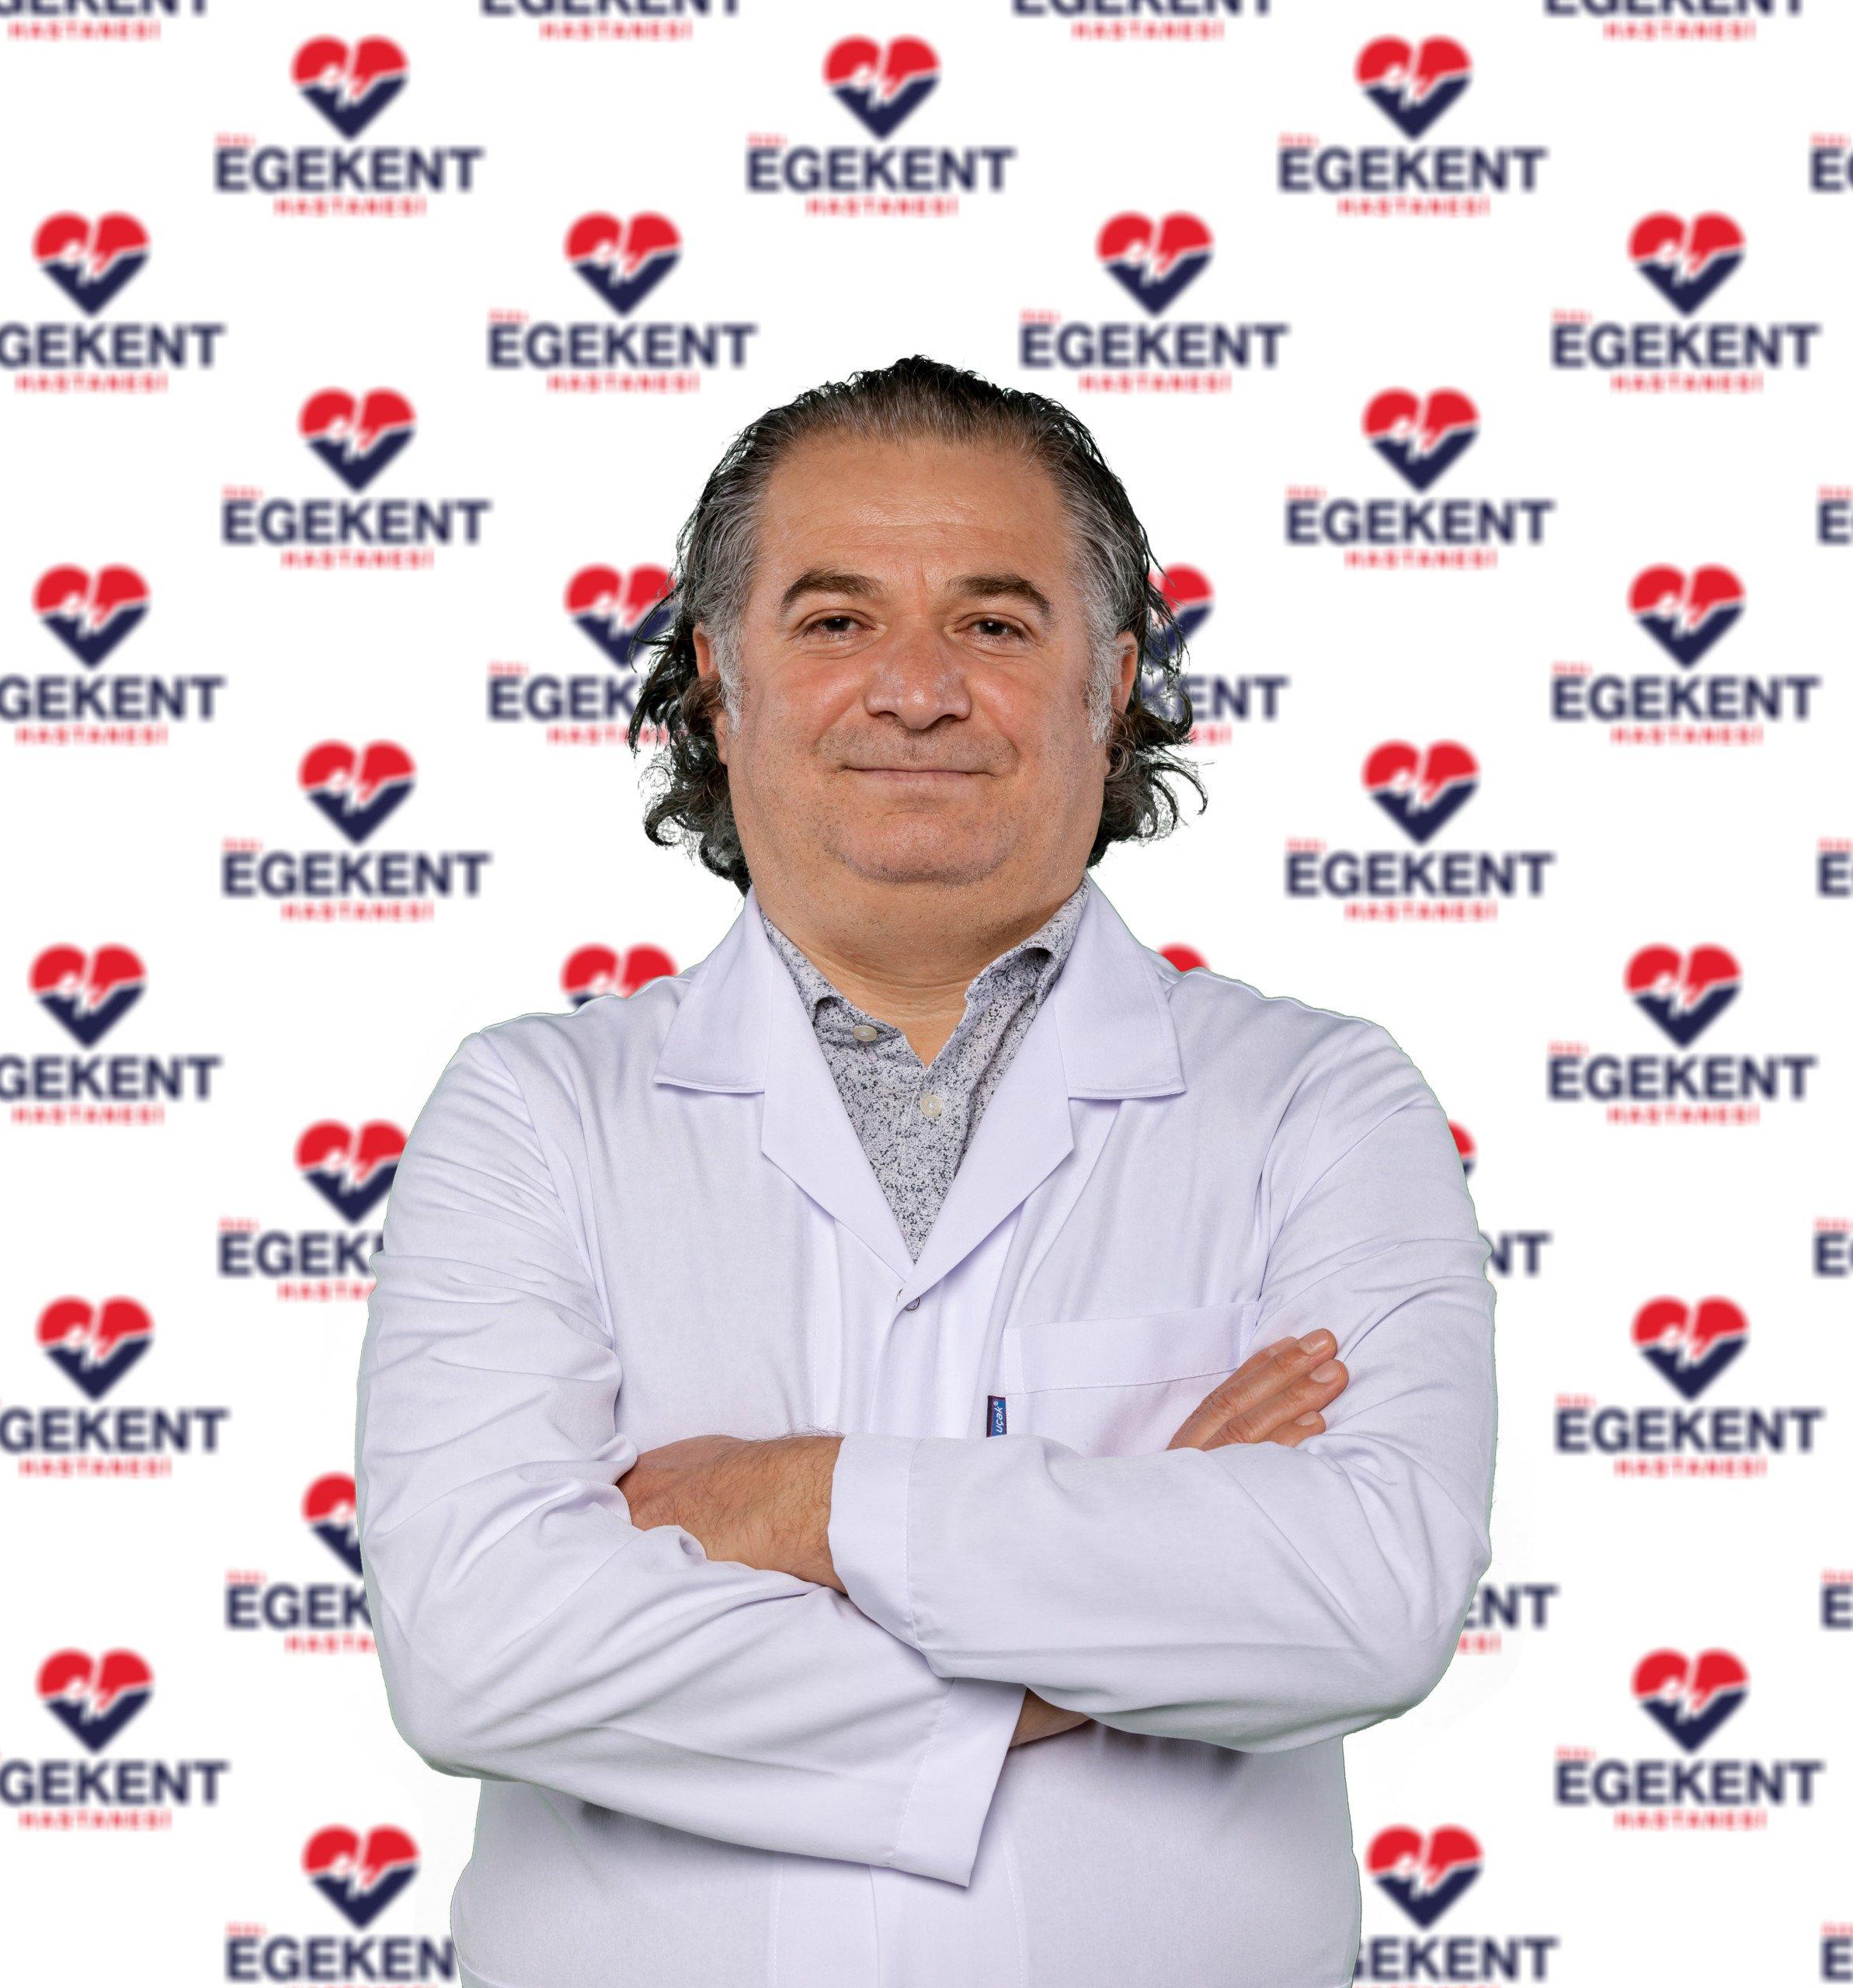 Denizli Özel Egekent Hastanesi Op. Dr. İbrahim ÇIPLAK